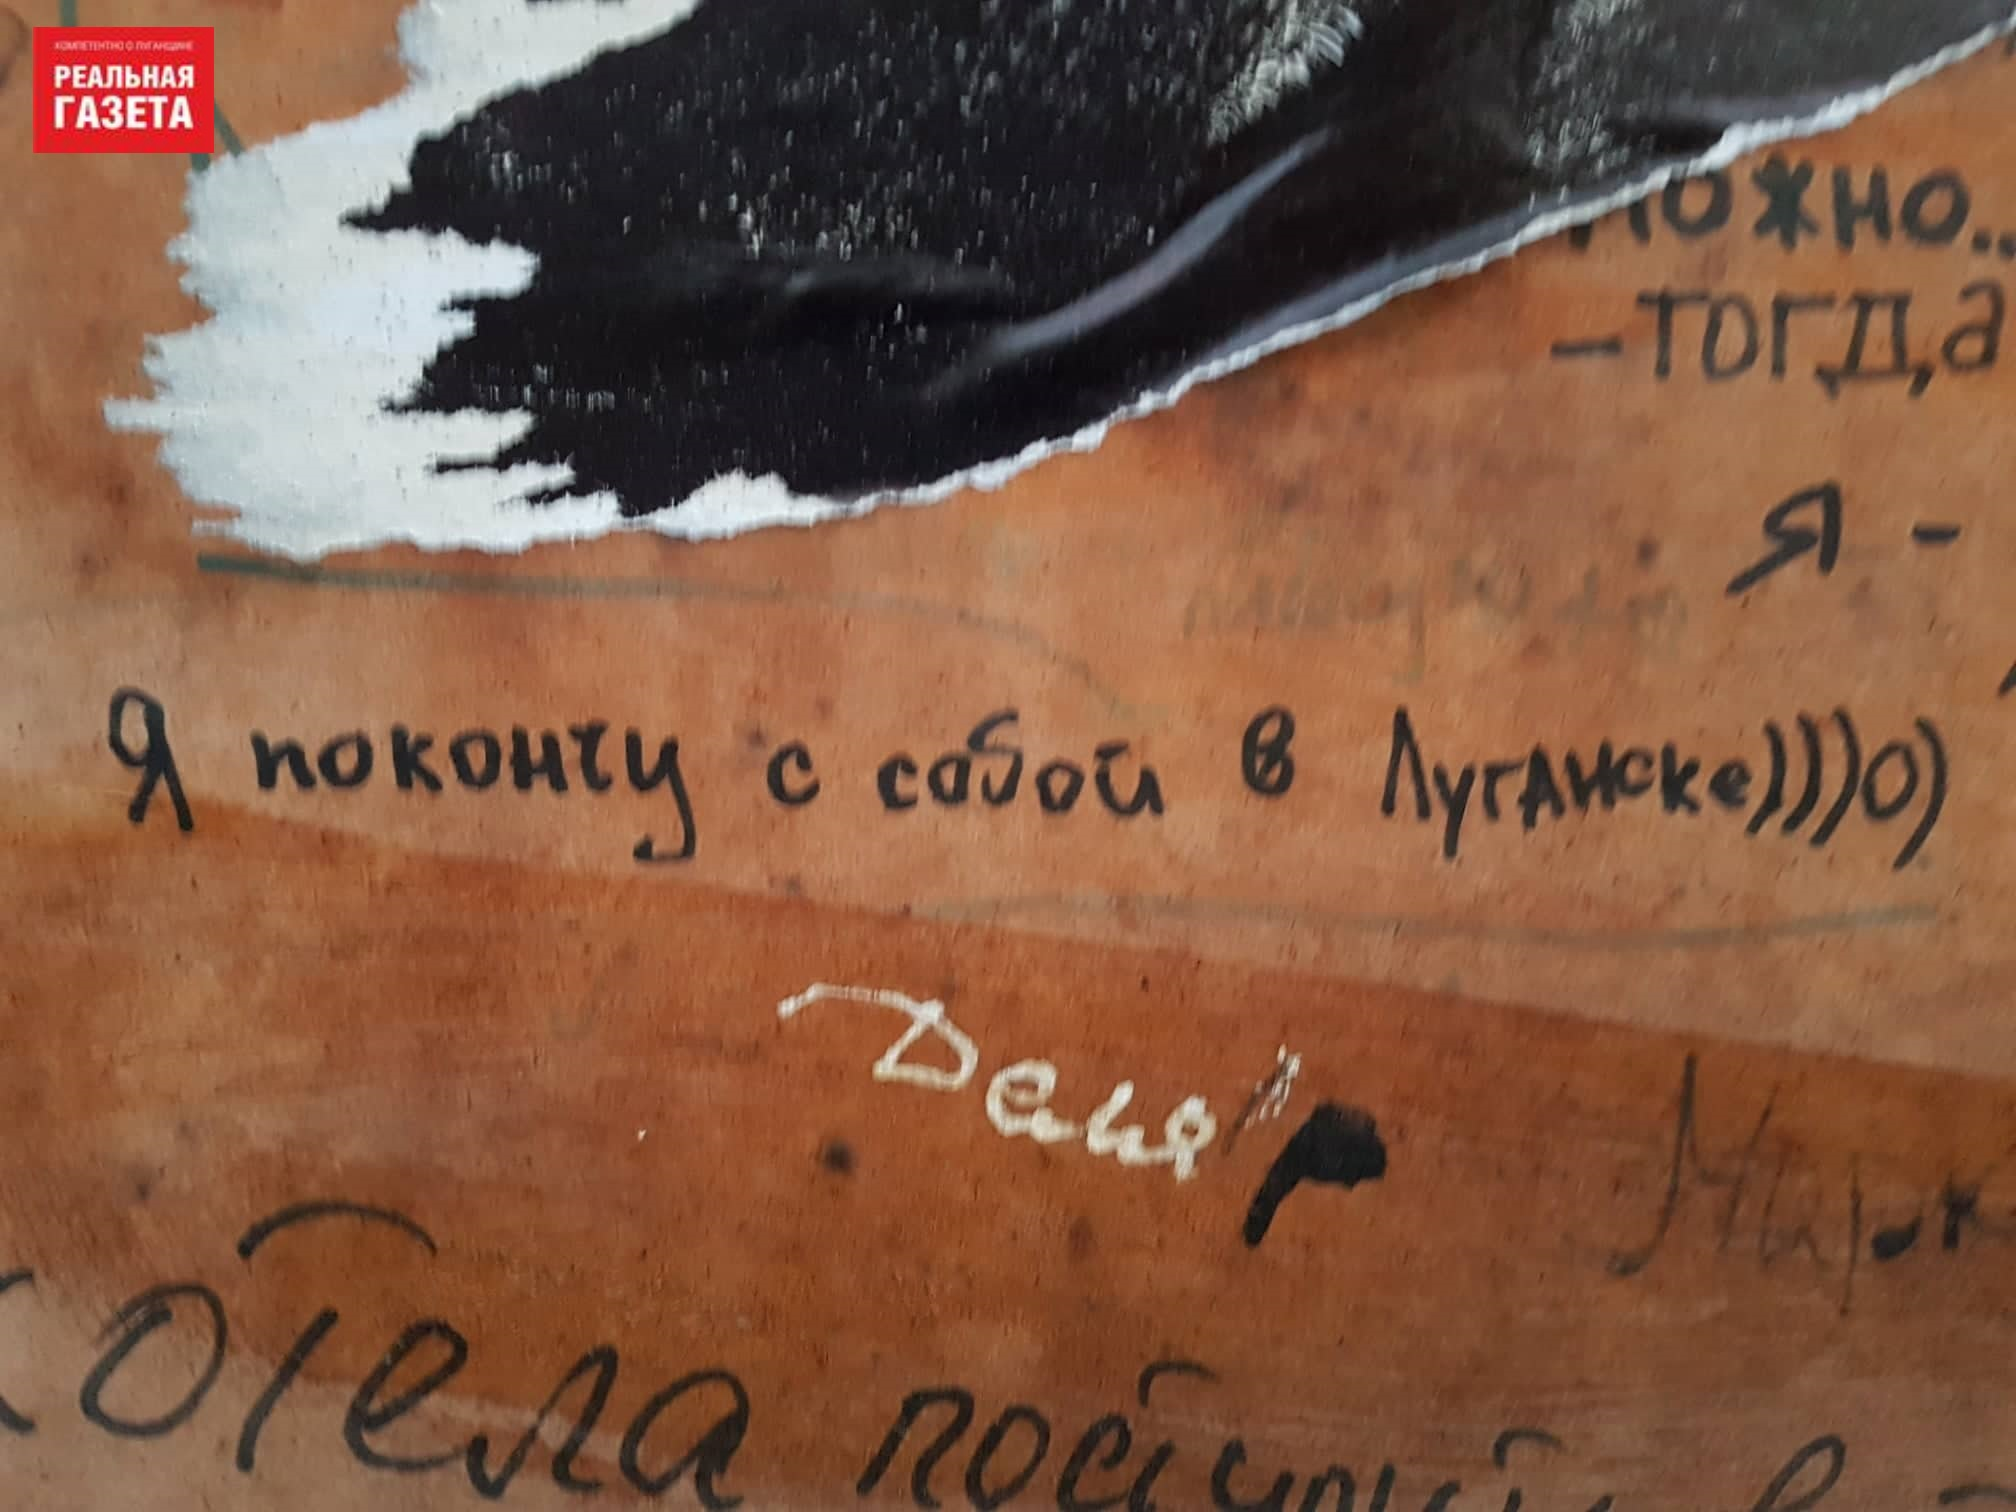 Луганск-2019: розы, улицы и надписи на стенах (ФОТОРЕПОРТАЖ)